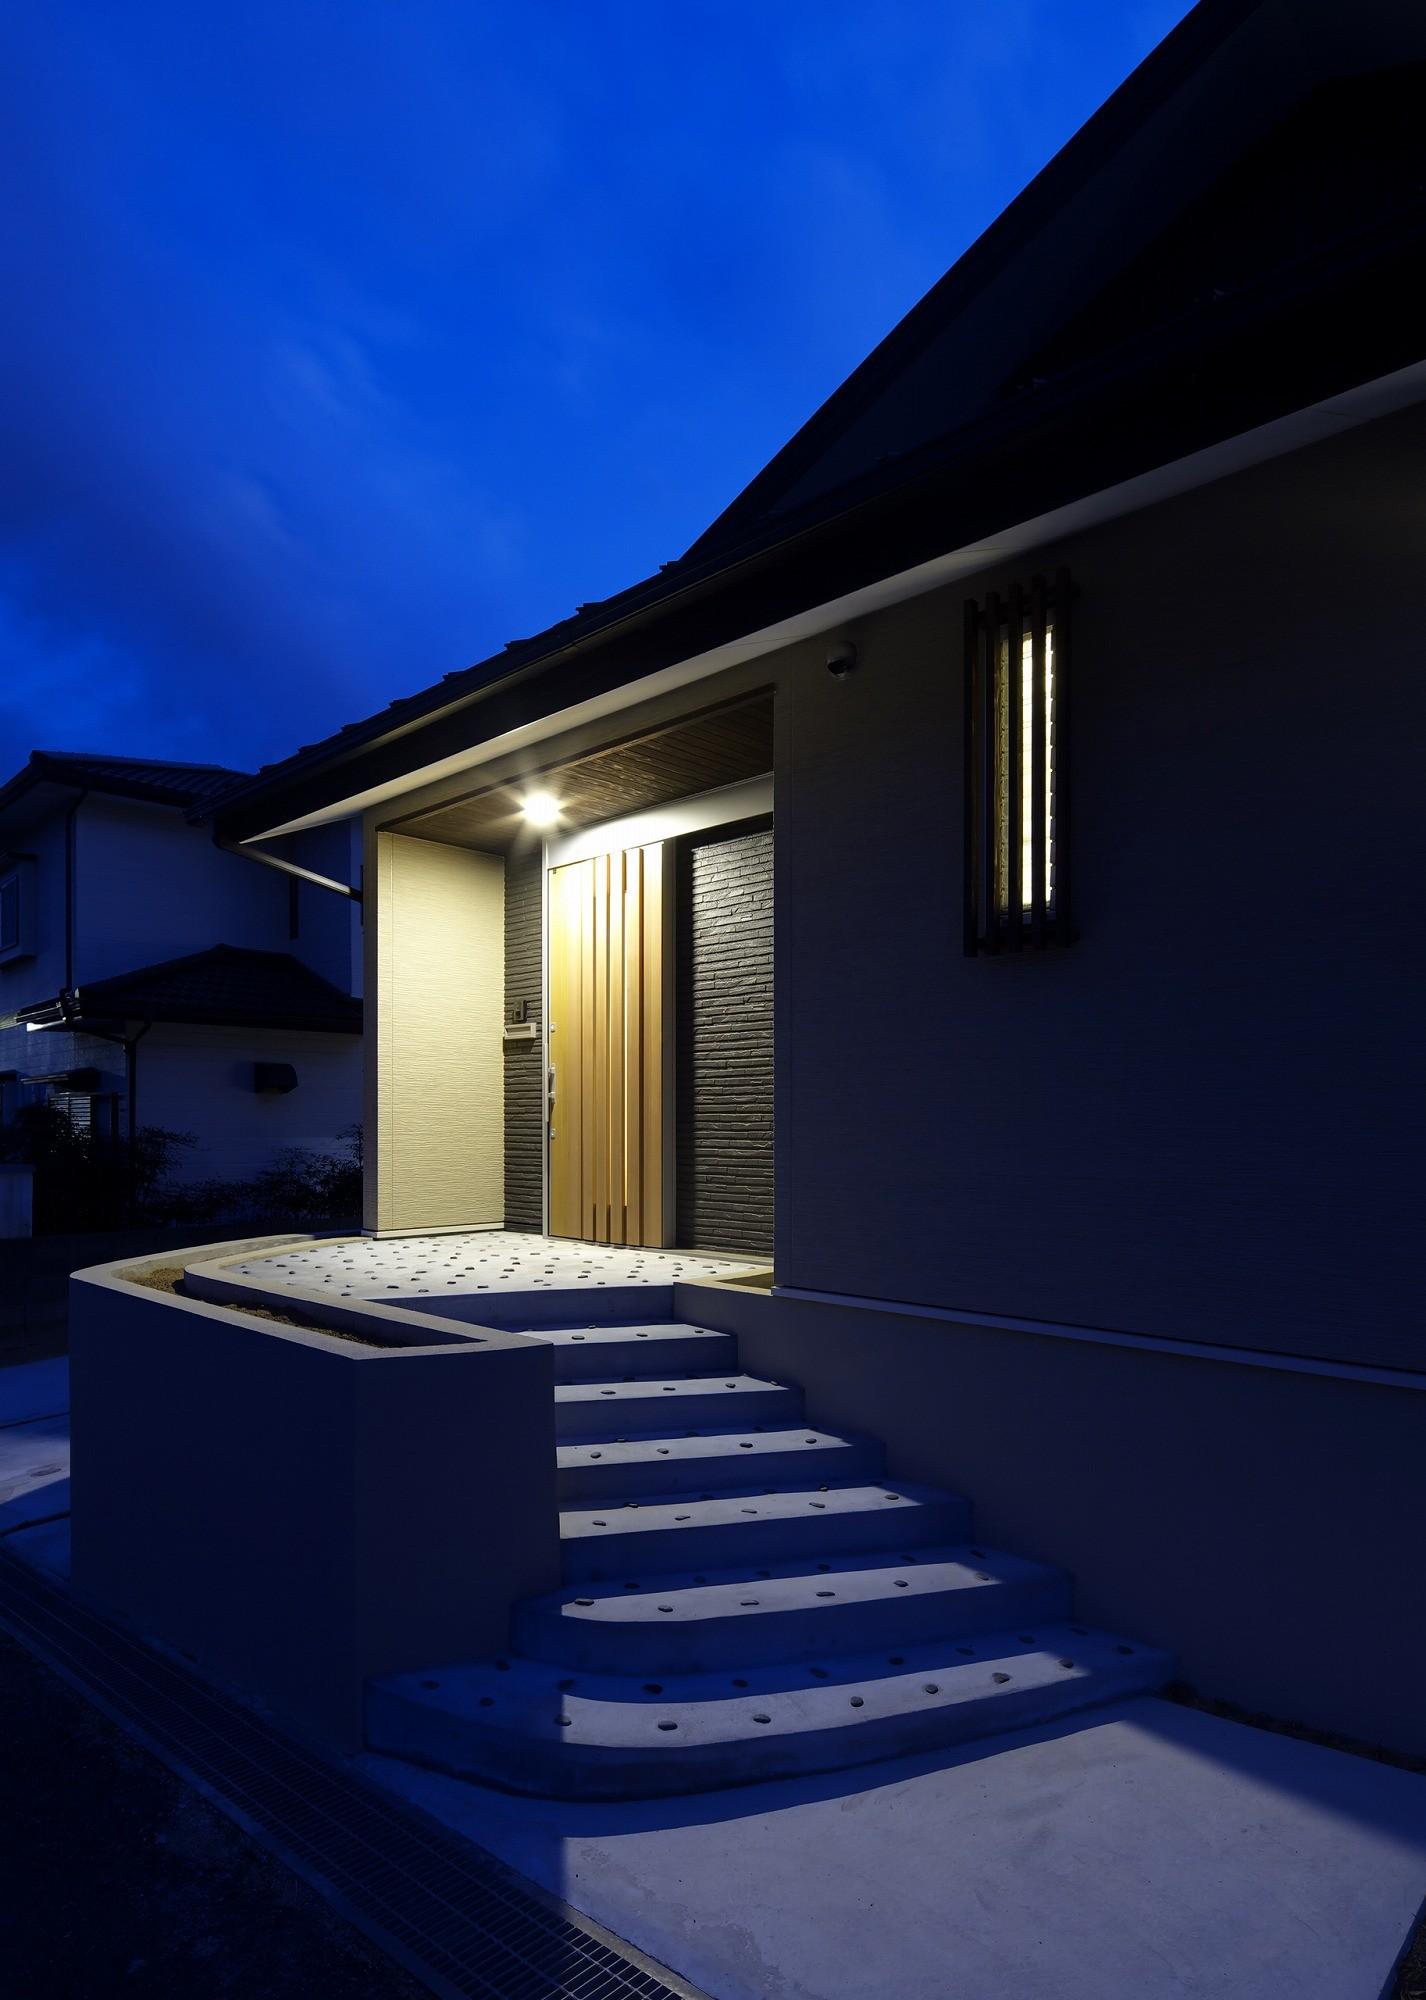 外観事例:玄関の夕景(「ひかりヶ丘の家」~借景を楽しむ和モダンなスキップフロアーの家)